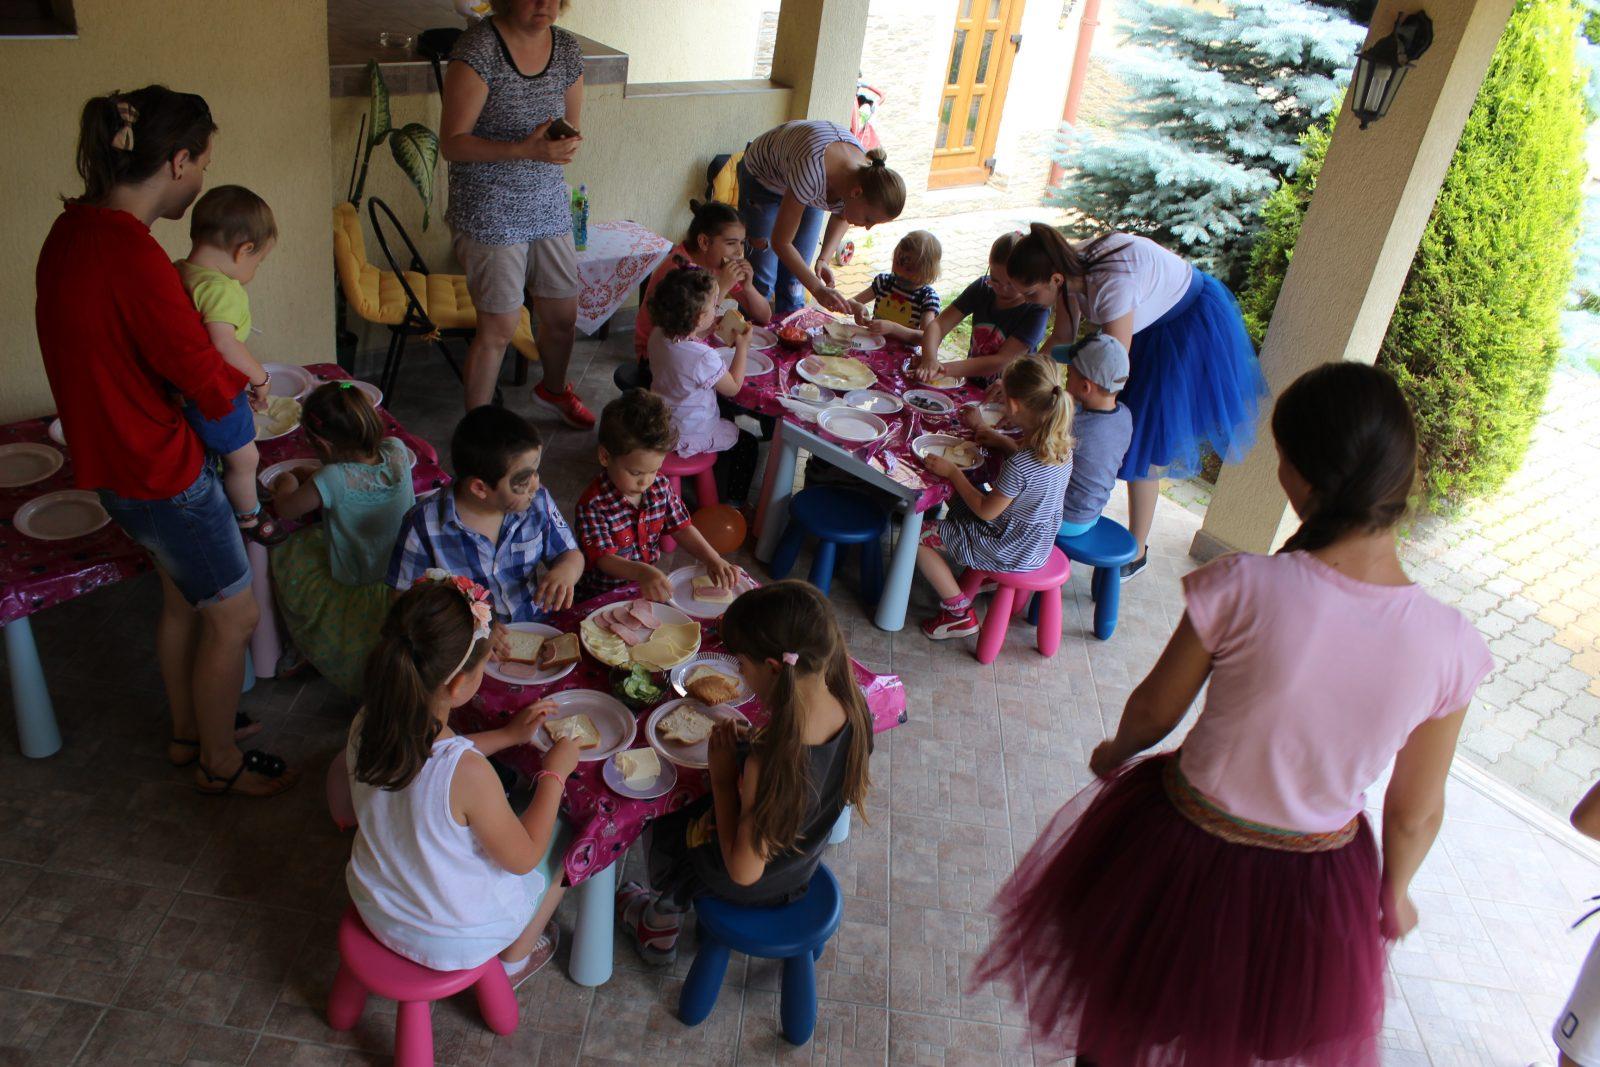 EGYEDÜLI a városban! Egész nyáron át tanulhatnak és szórakozhatnak a gyerekek a Wonder Kids AfterSchool-nál